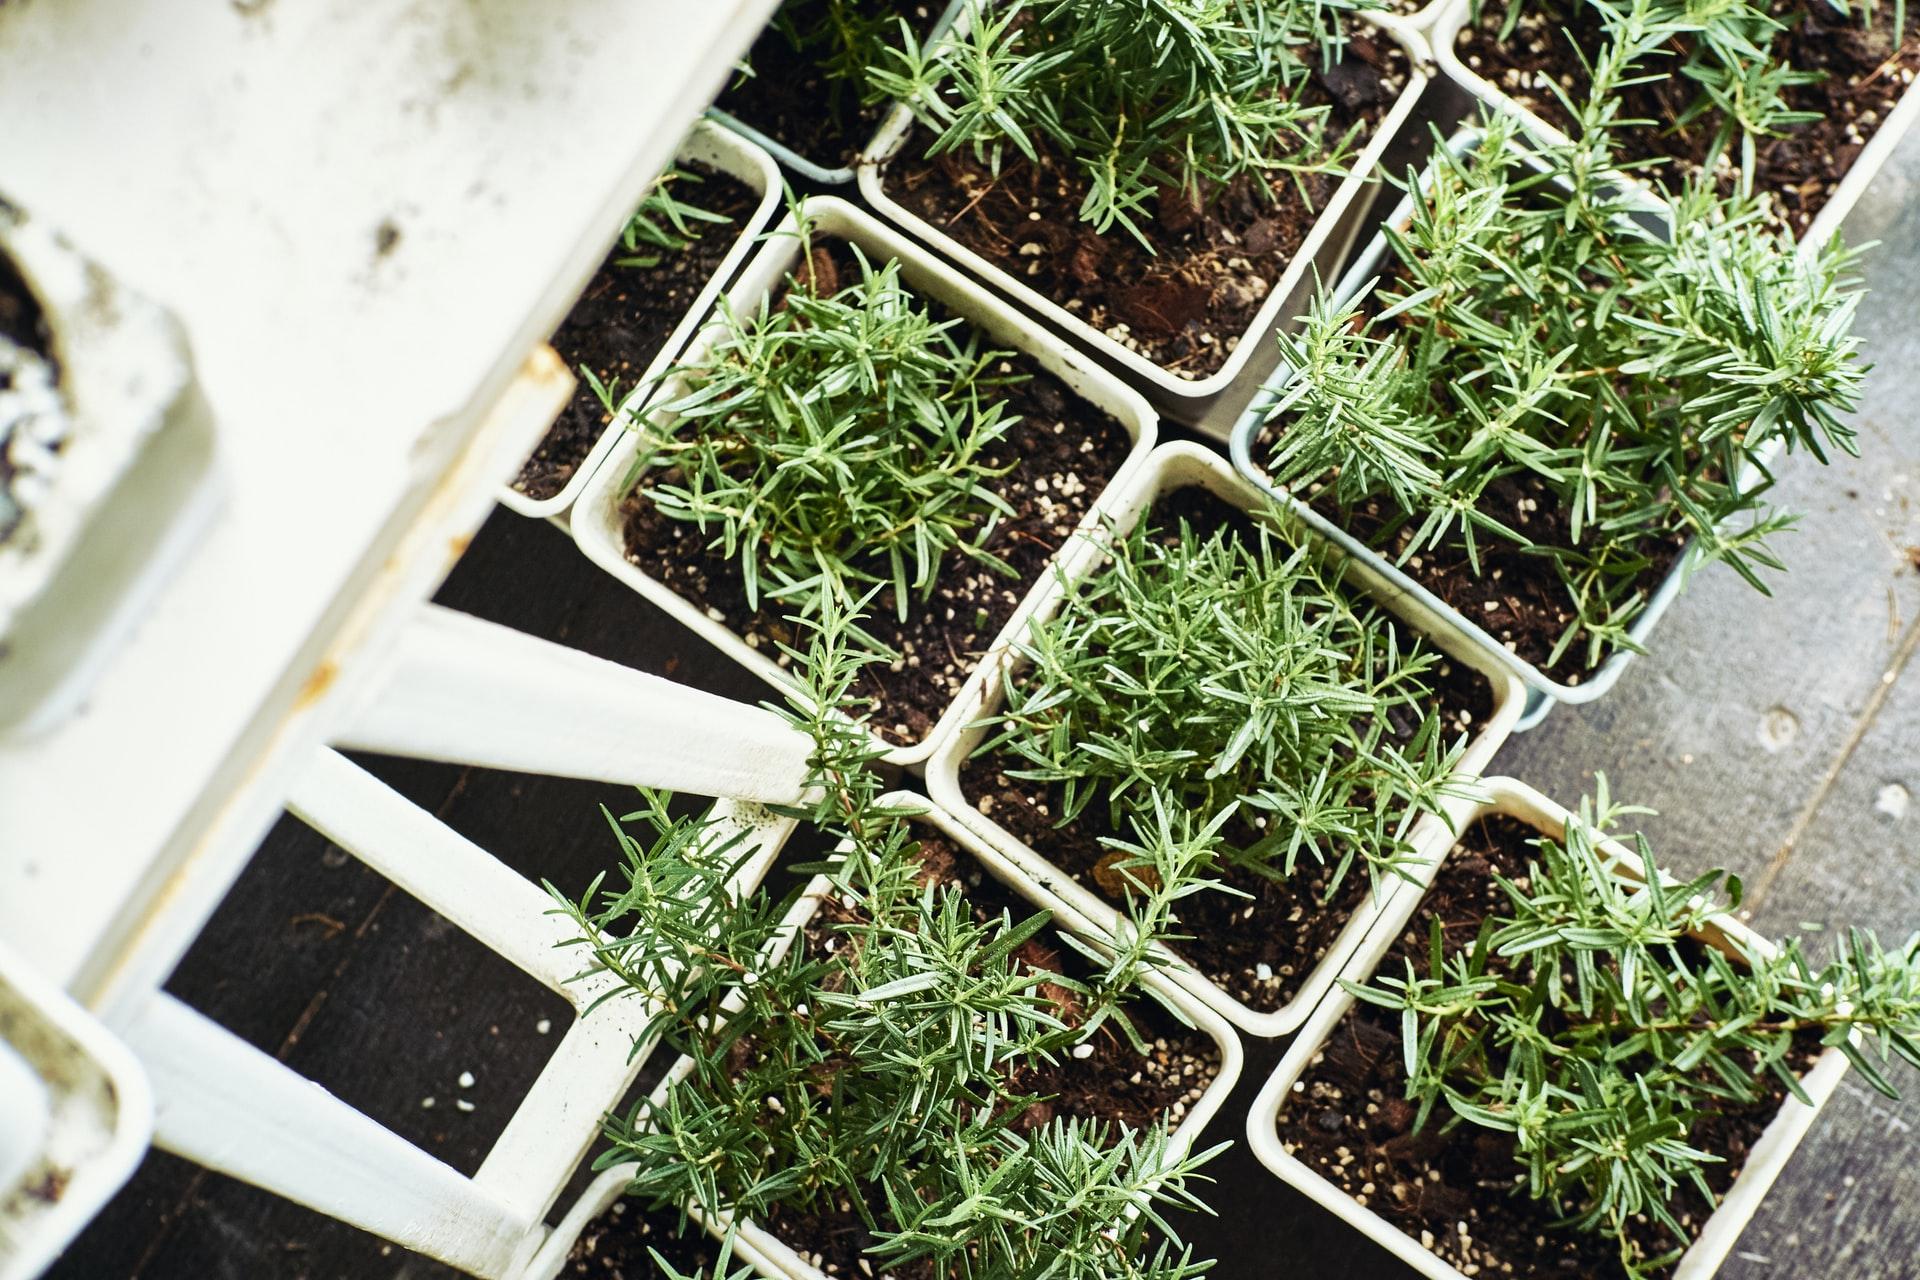 Milujete bylinky? Prezradíme vám, čo je bylinková špirála a ako na pestovanie byliniek v kvetináčoch